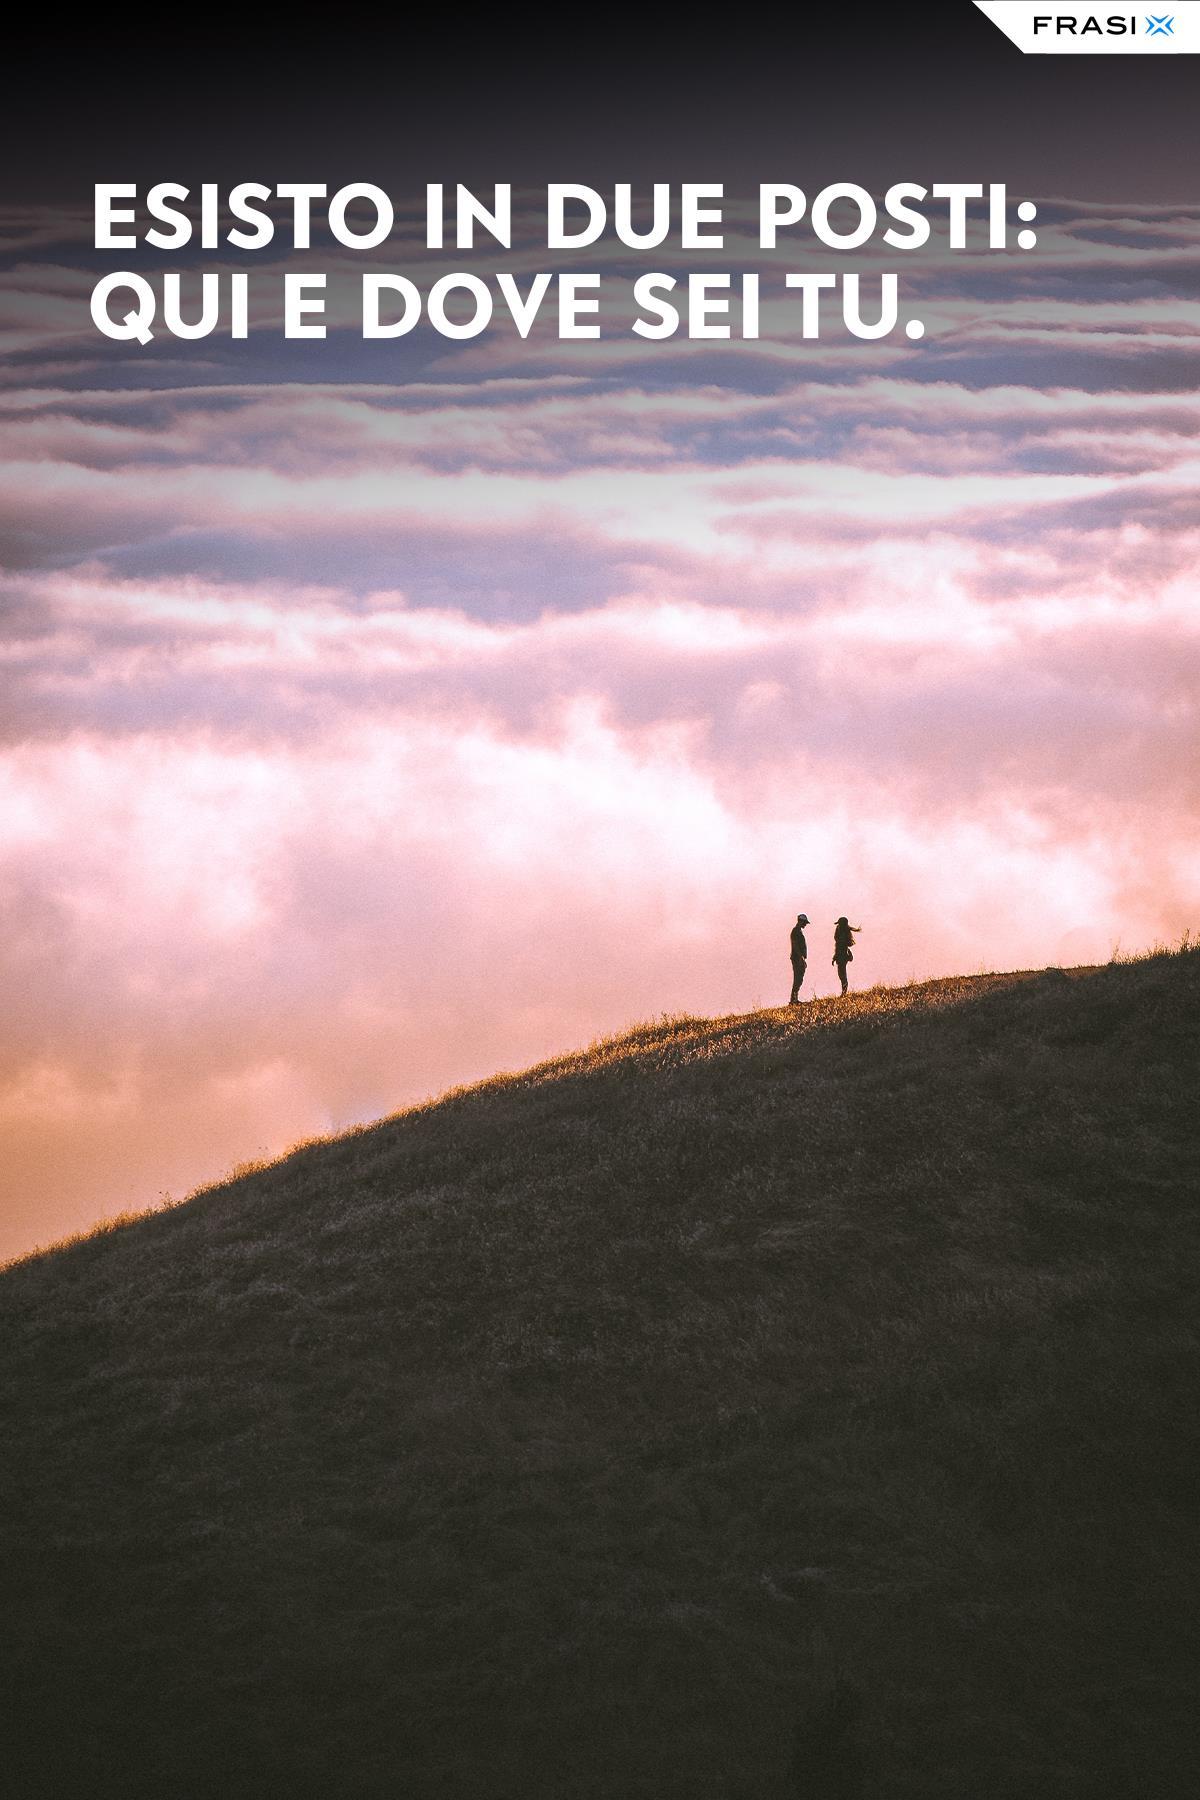 Frasi belle sull'amore esistere dove sei tu